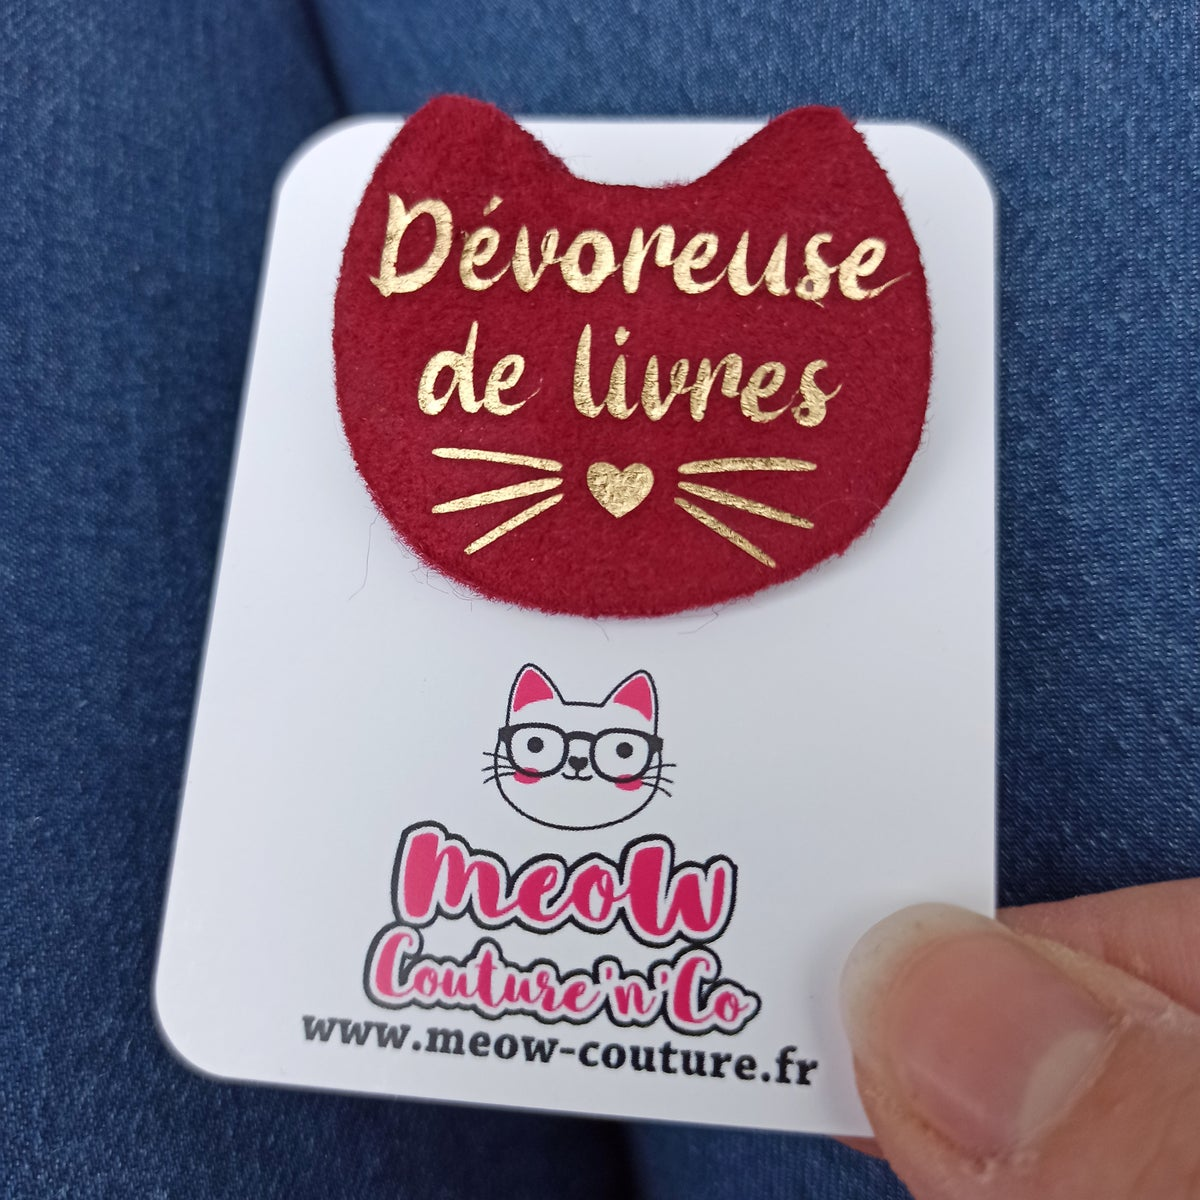 Image of Broche Dévoreuse de livres